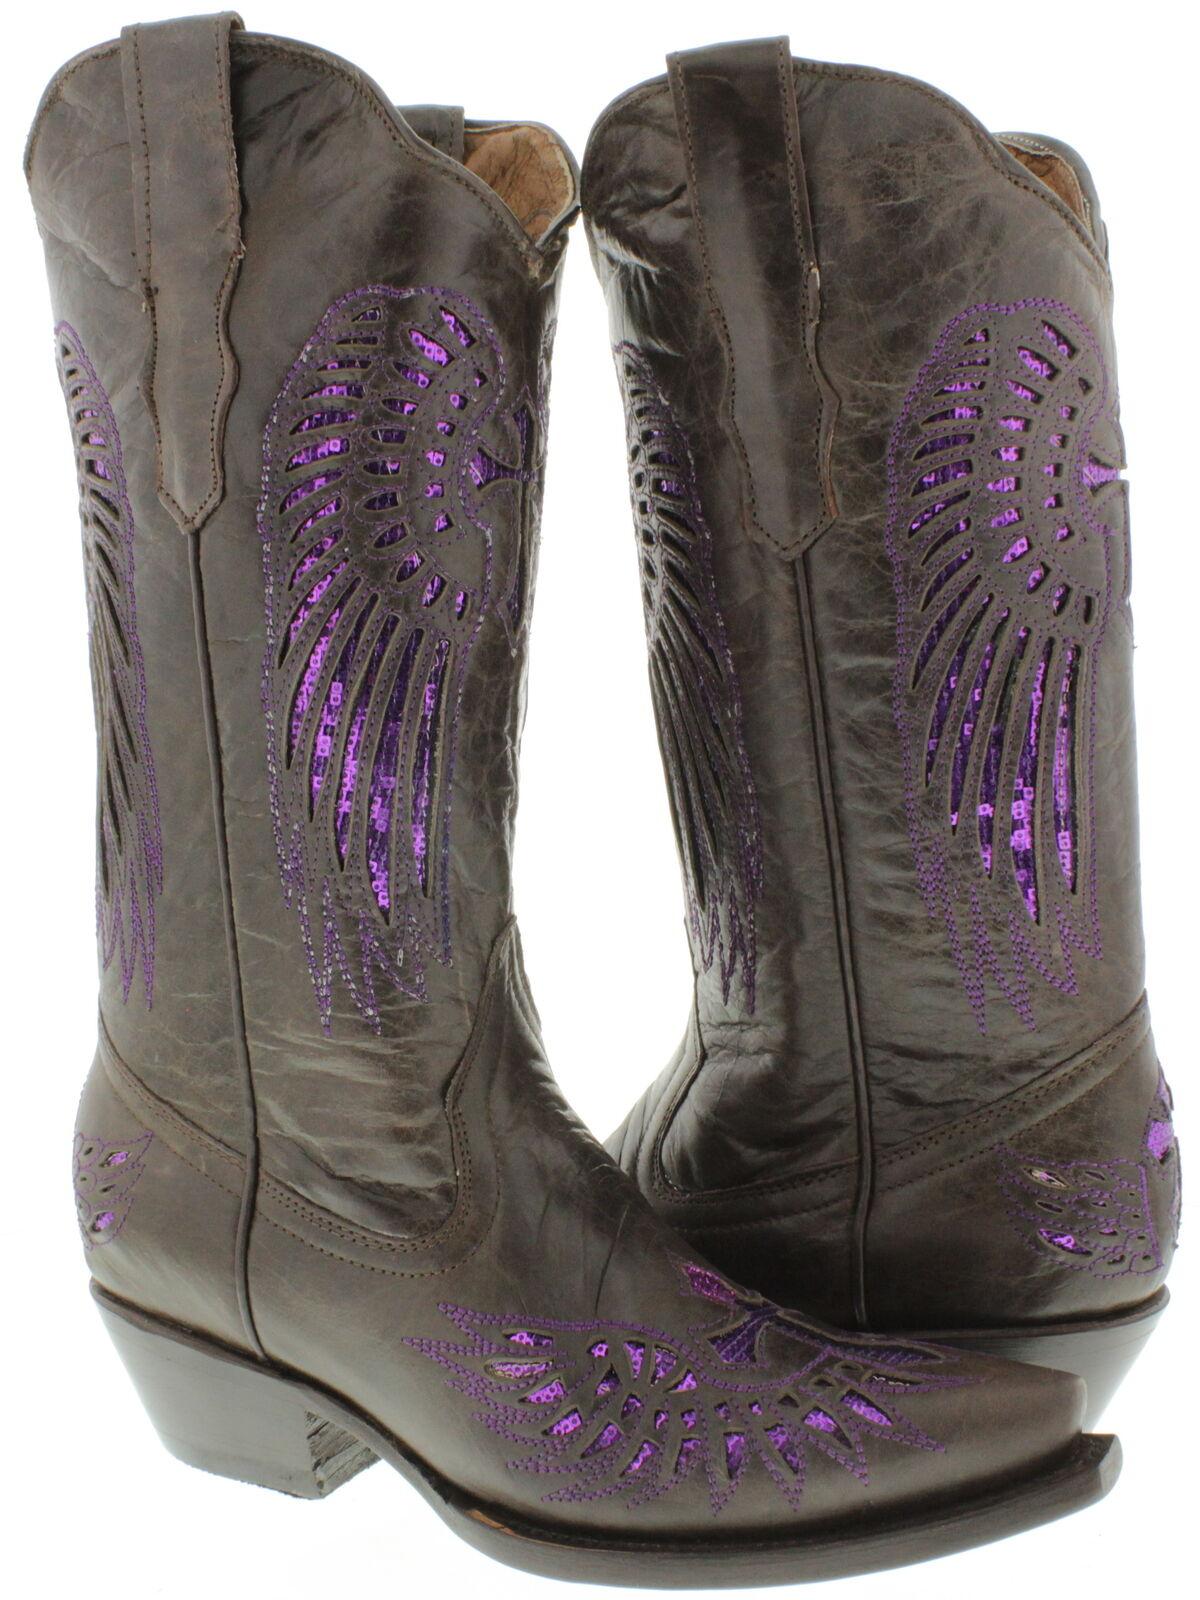 Para Mujeres Mujeres Mujeres Cruz Alas Incrustación Marrón Cuero Púrpura Lentejuelas botas de vaquero SNIP Toe  artículos de promoción